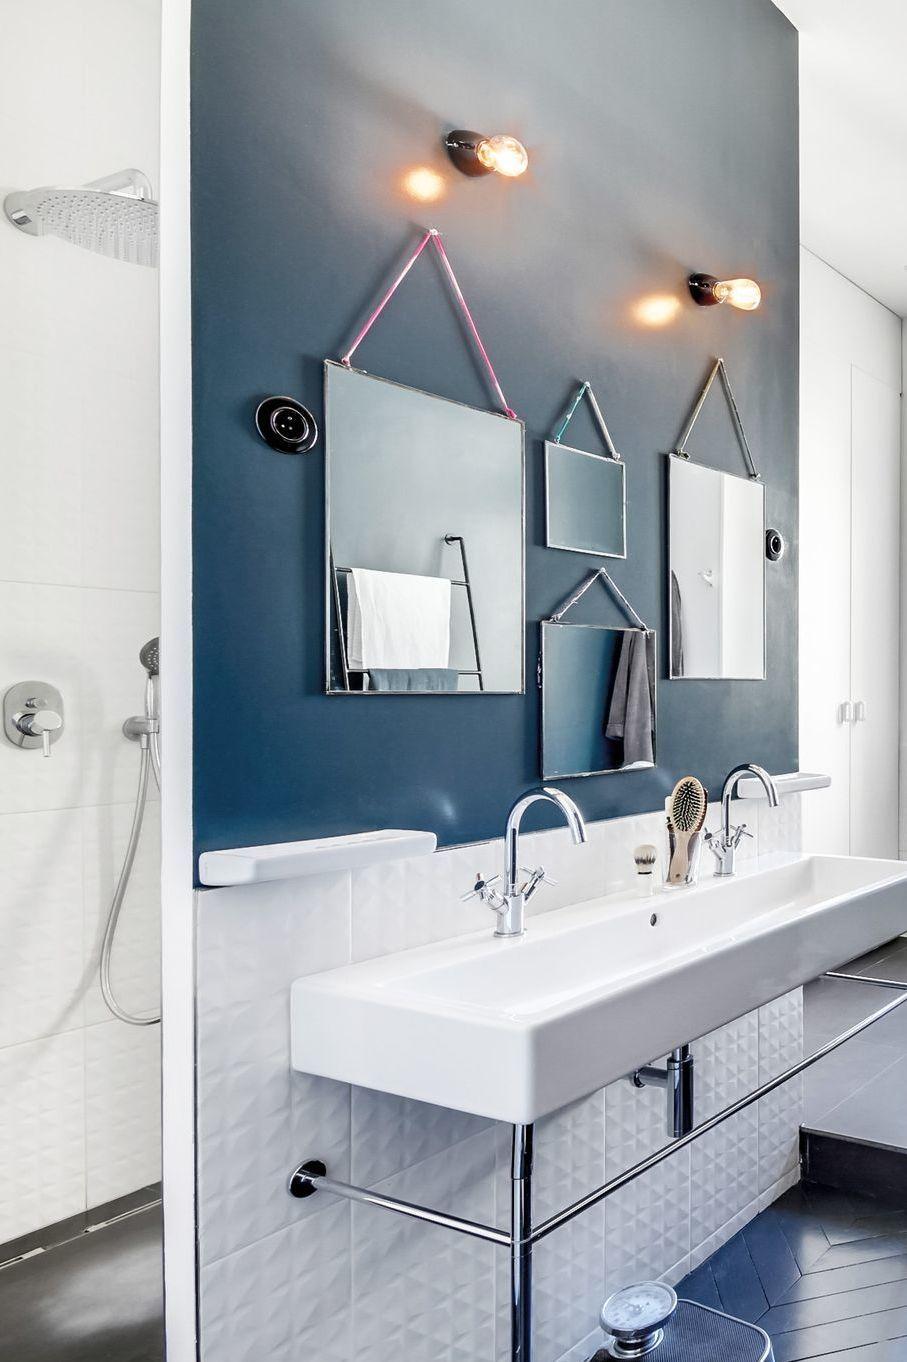 Aménager une estrade pour optimiser le volume  Idée salle de bain